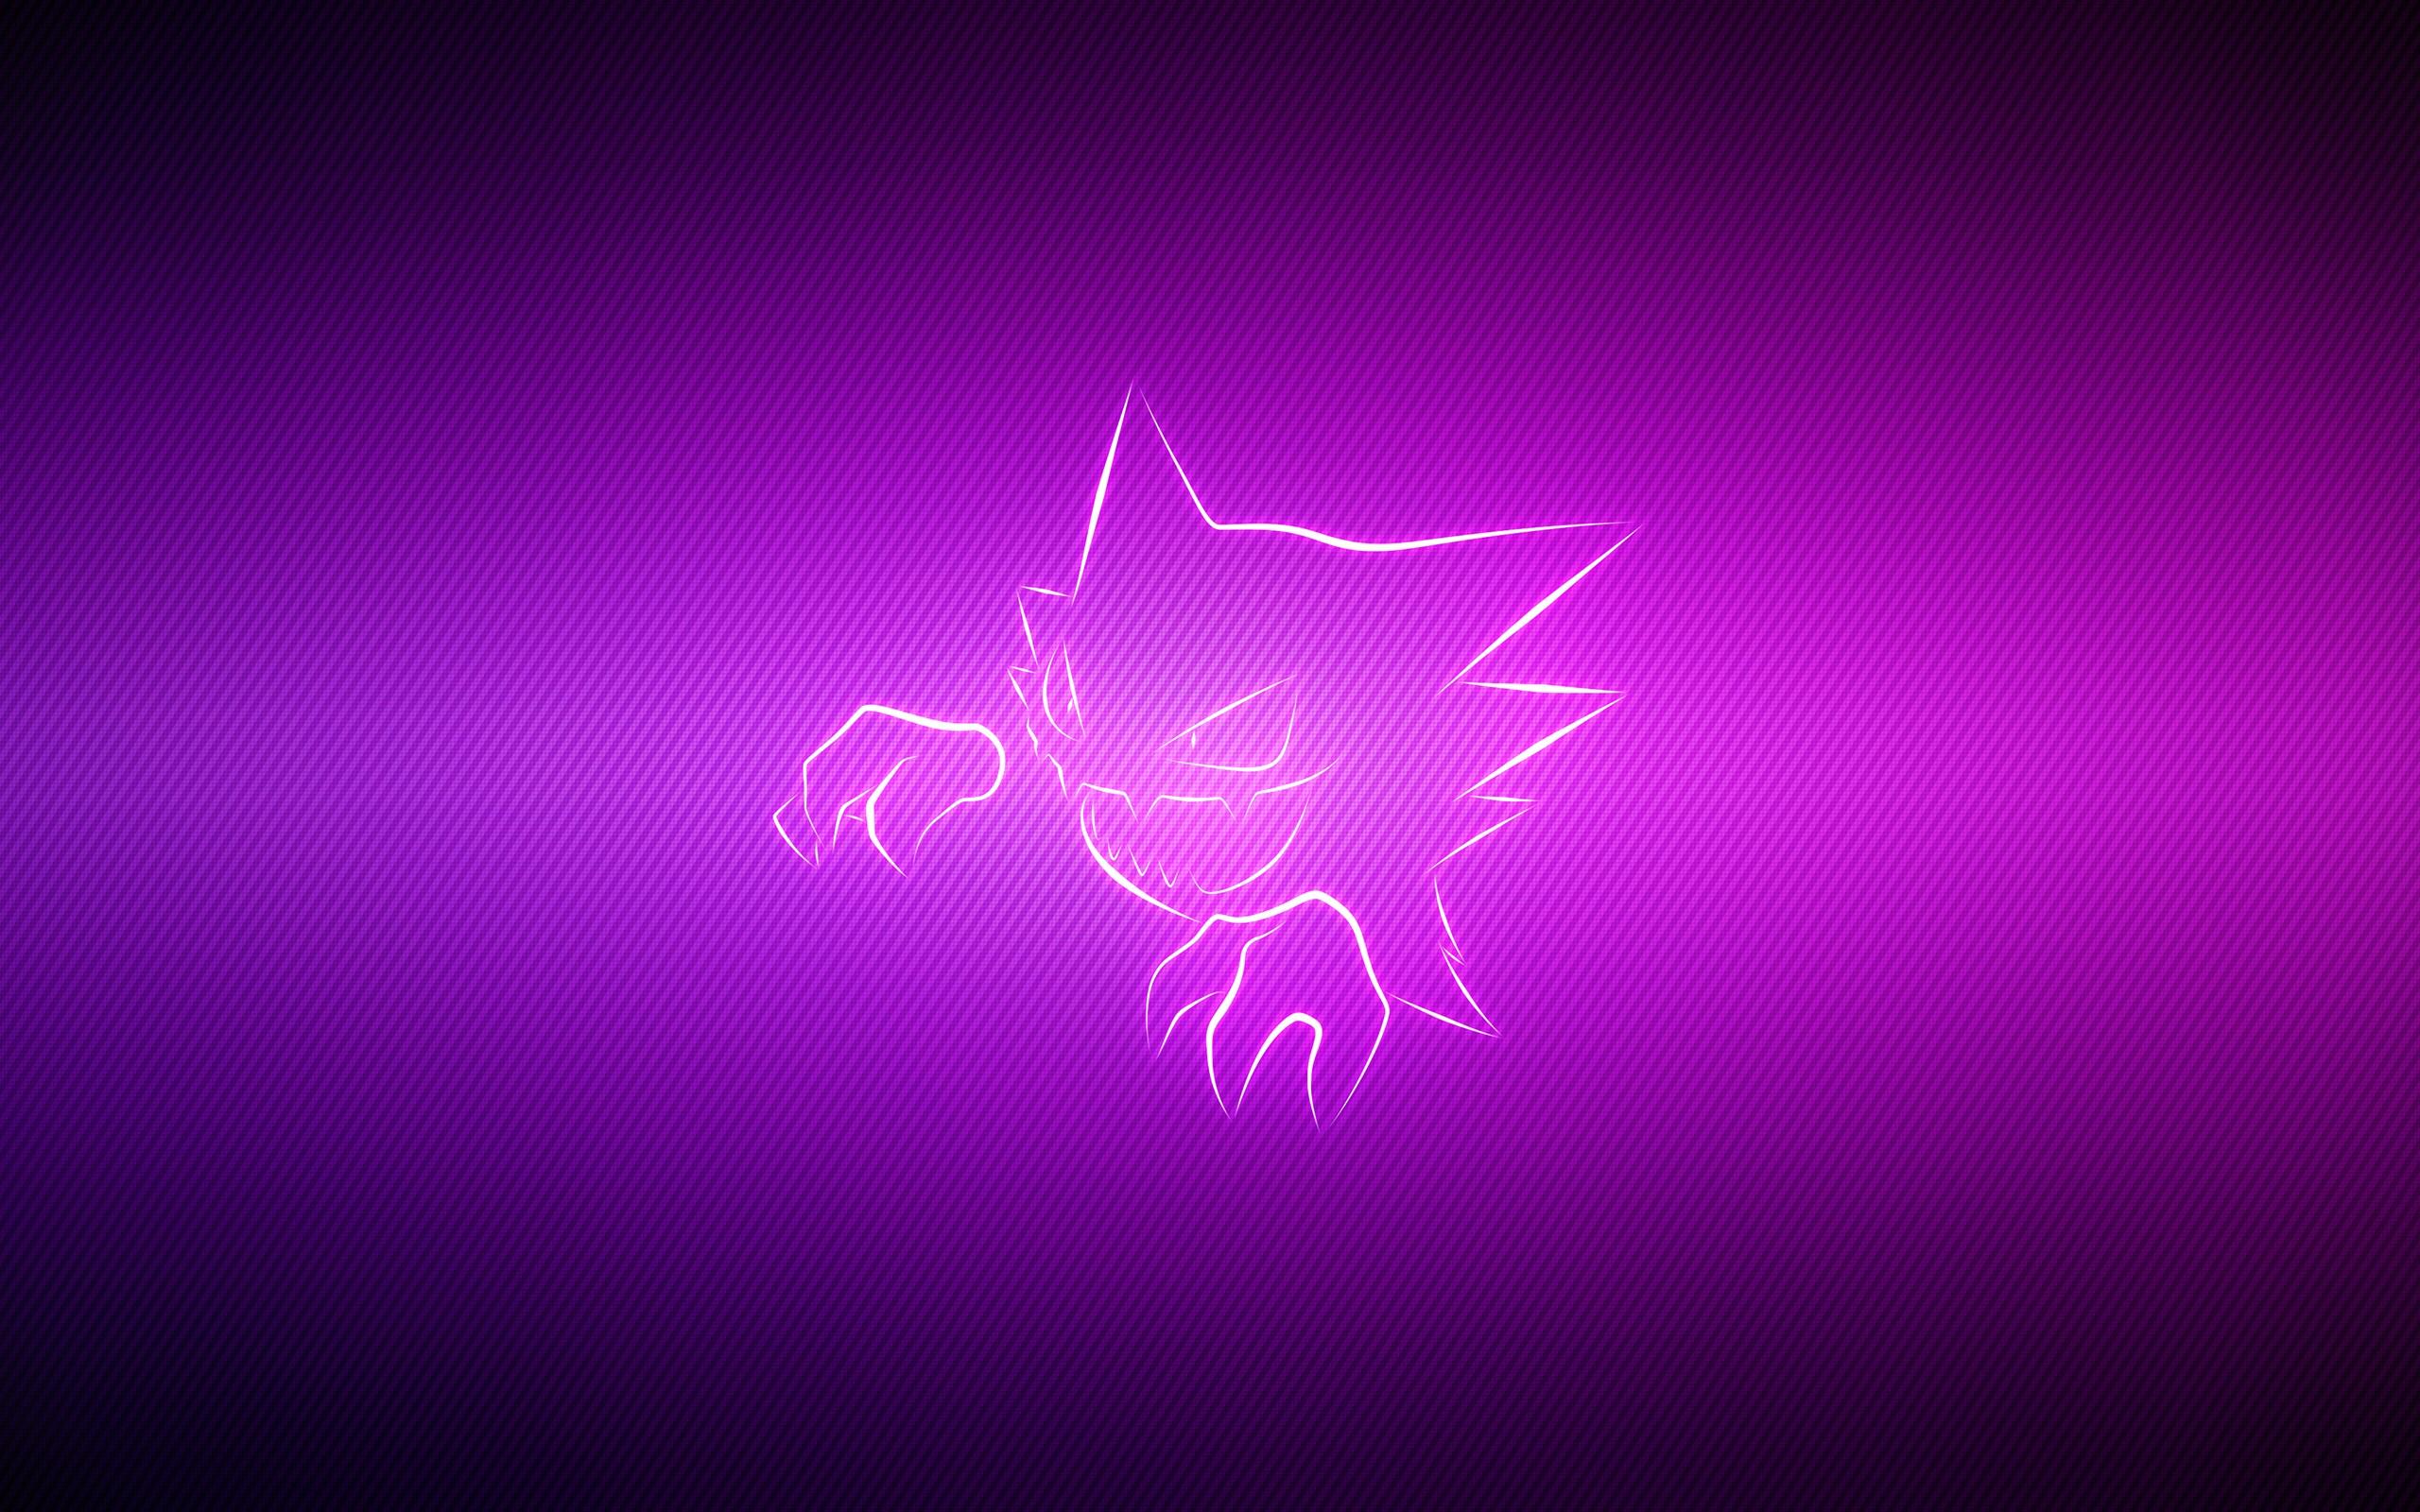 Pokemon fantasma - 2560x1600